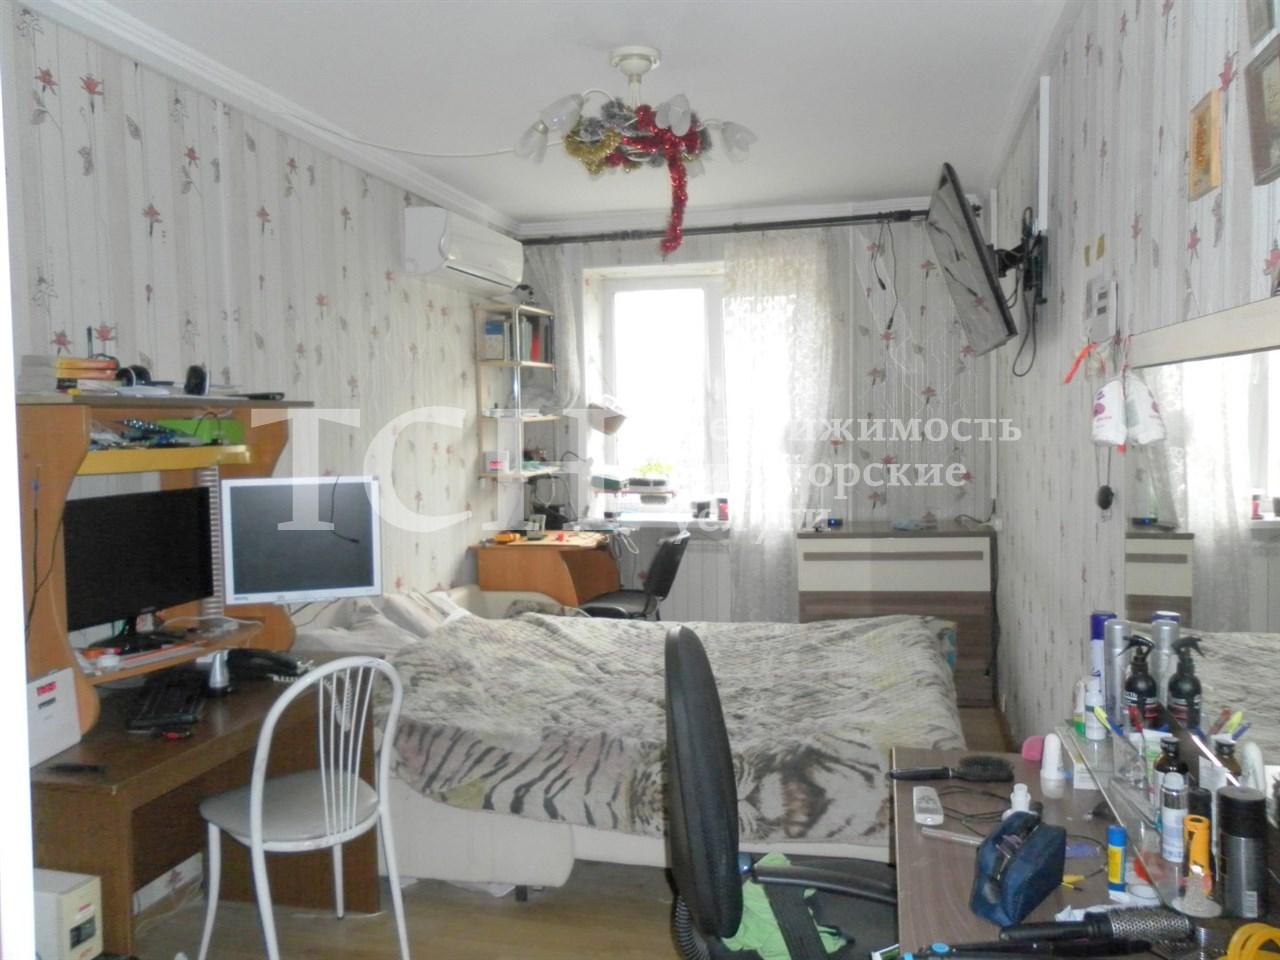 219177-продаётся двухкомнатная квартира в хорошем состоянии. в г. фрязино, ул. полева ...